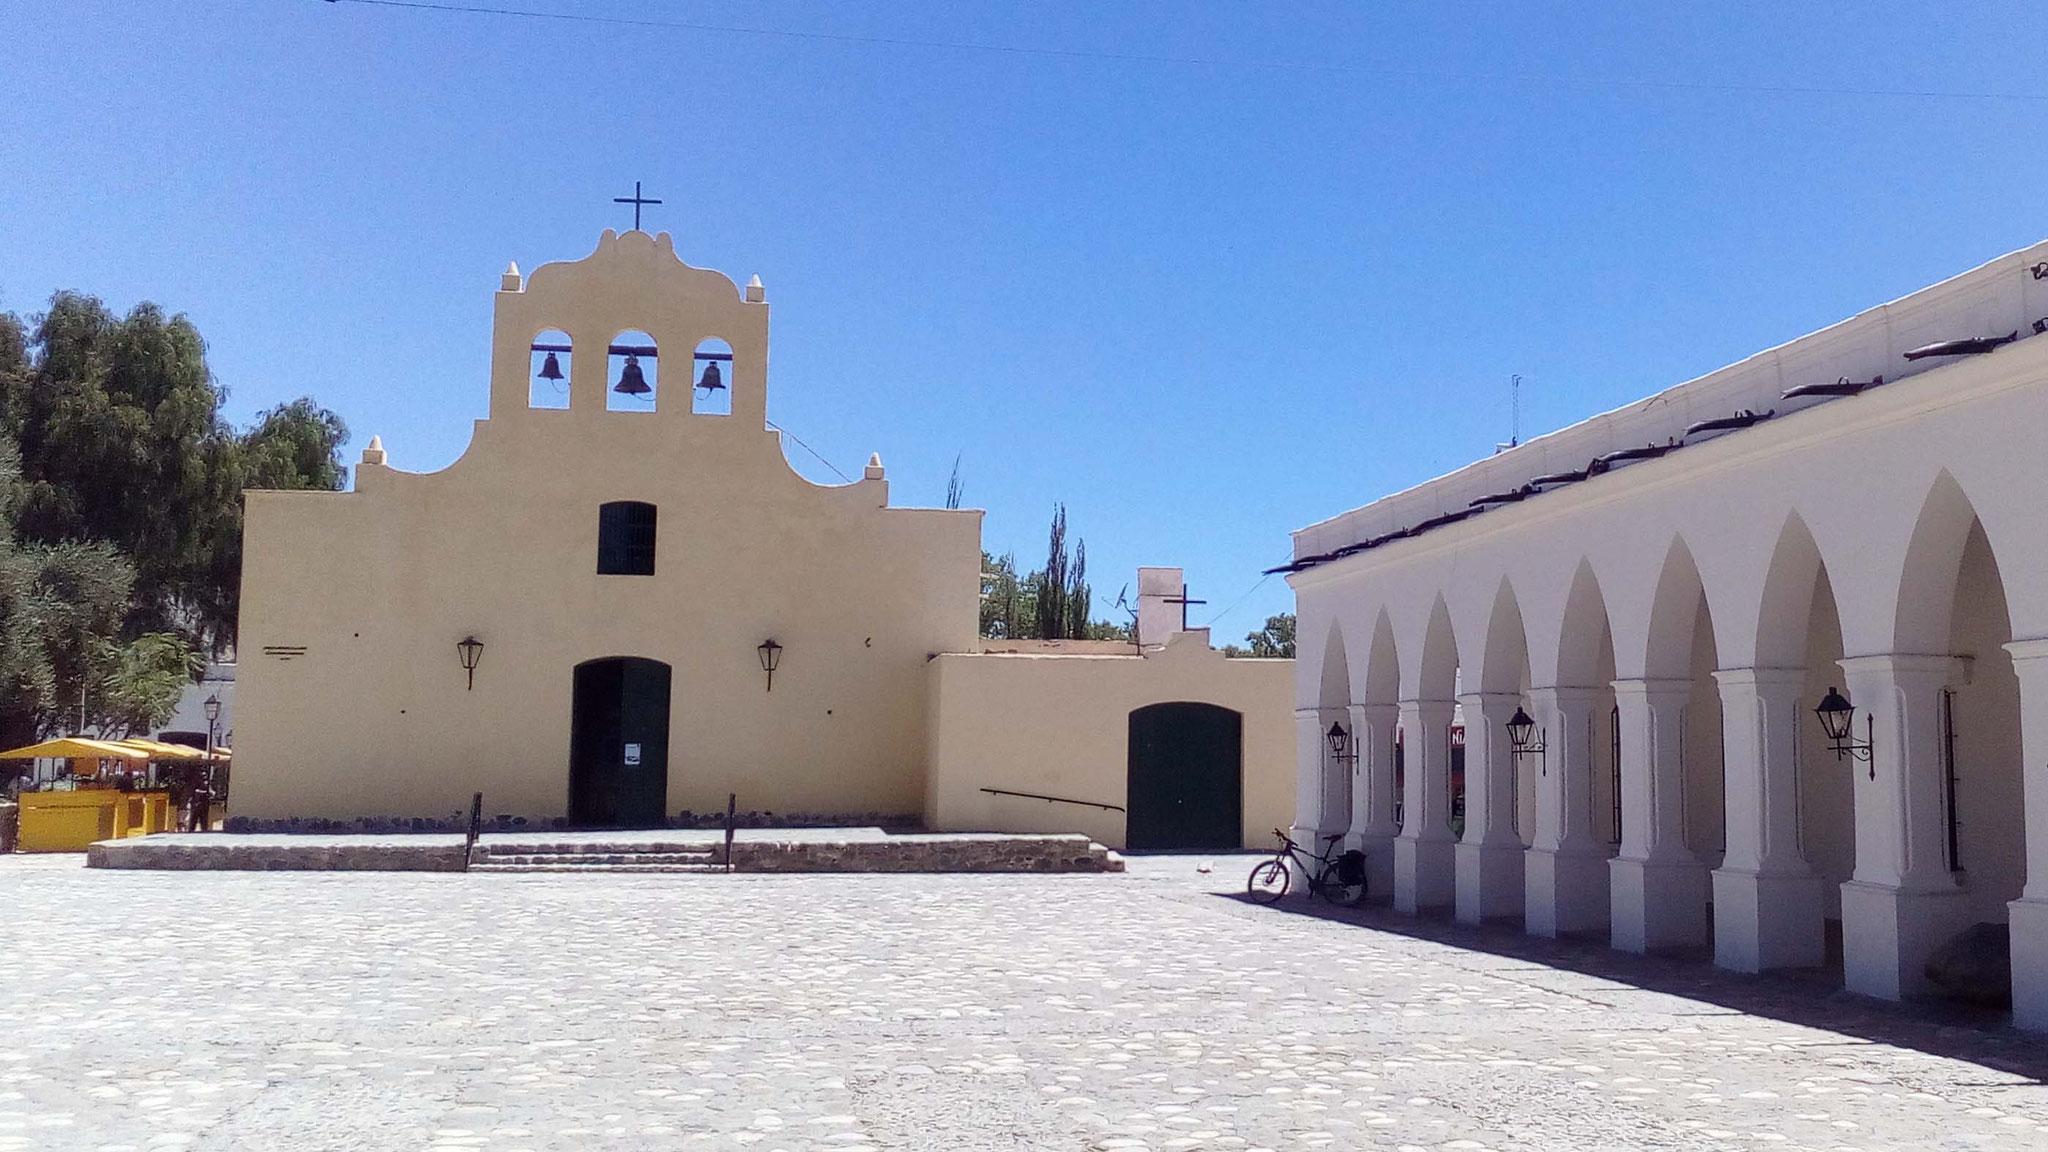 Eglise San José du XVIIe siècle, reconstruite au XIXe et musée archéologique de Cachi